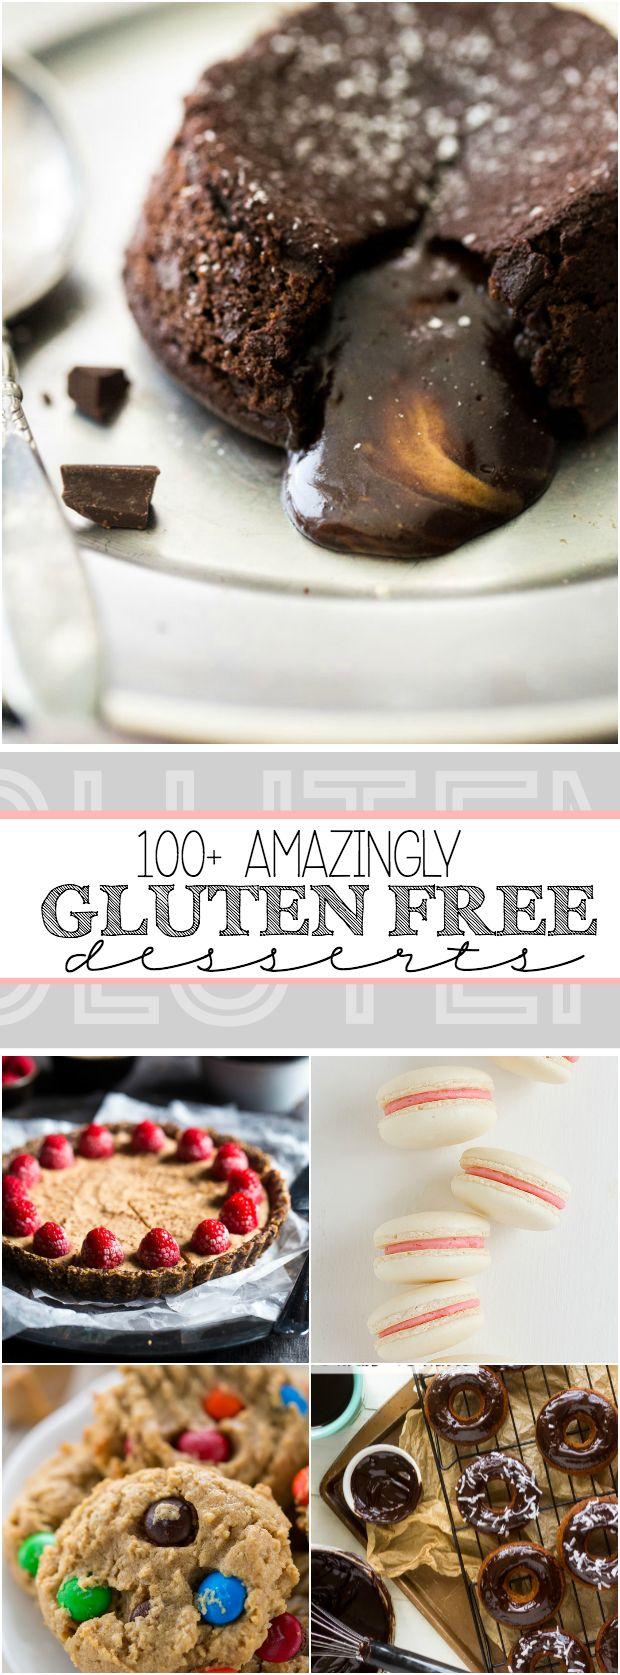 100+ Amazingly Gluten Free Desserts http://www.somethingswanky.com/100-amazingly-gluten-free-desserts/?utm_campaign=coschedule&utm_source=pinterest&utm_medium=Something%20Swanky&utm_content=100%2B%20Amazingly%20Gluten%20Free%20Desserts